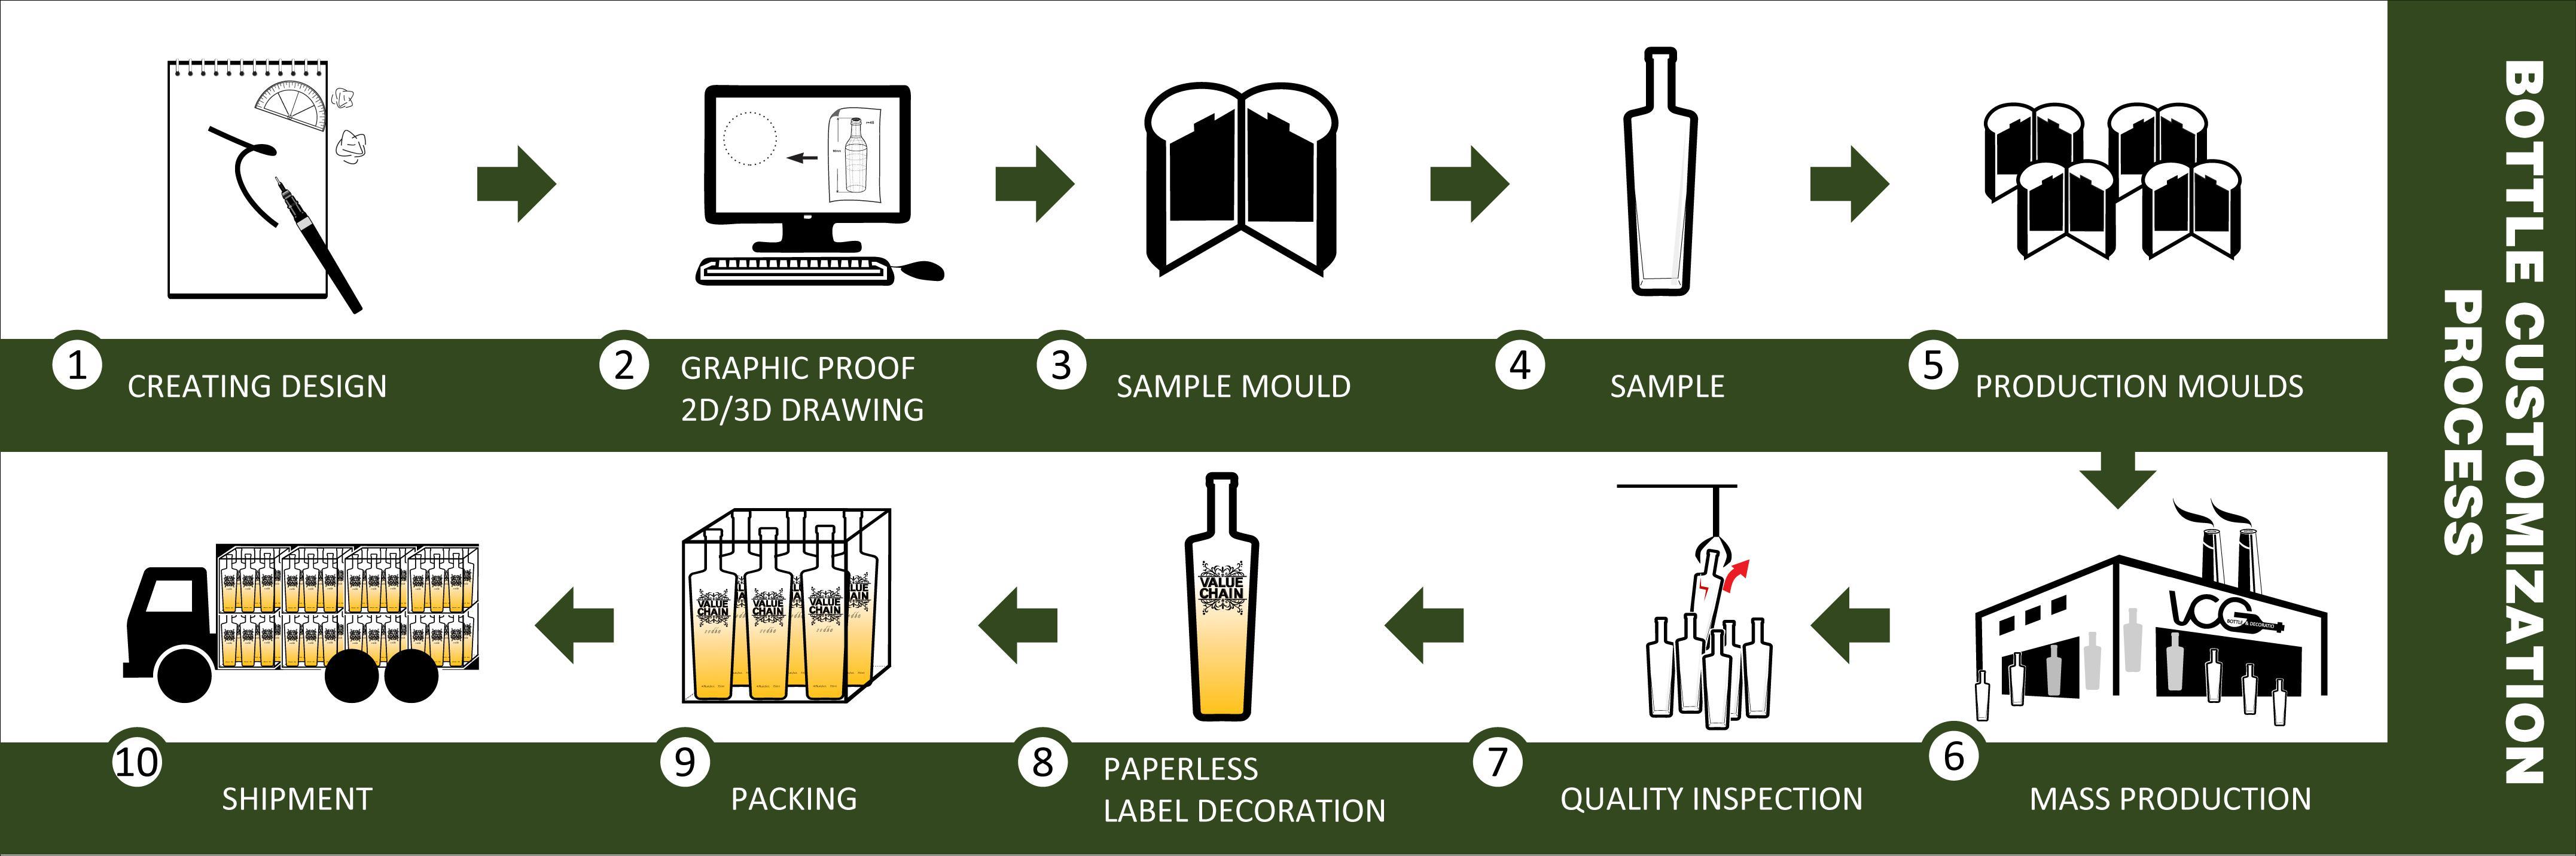 Glass-Bottle-Produce-Process